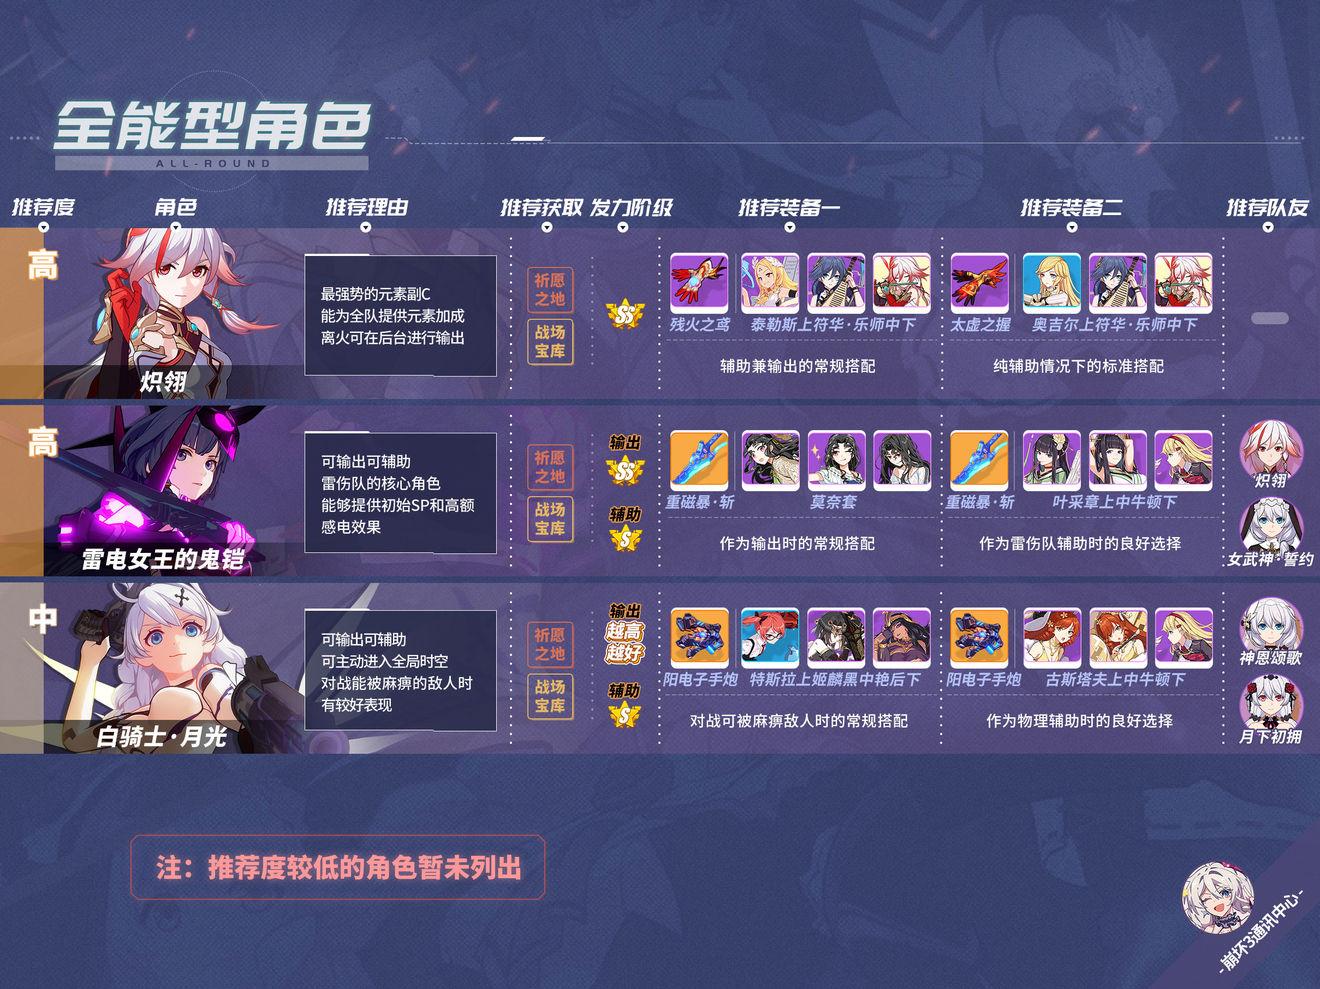 崩坏3 3.6版本全能女武神排名 3.6最强全能角色一览